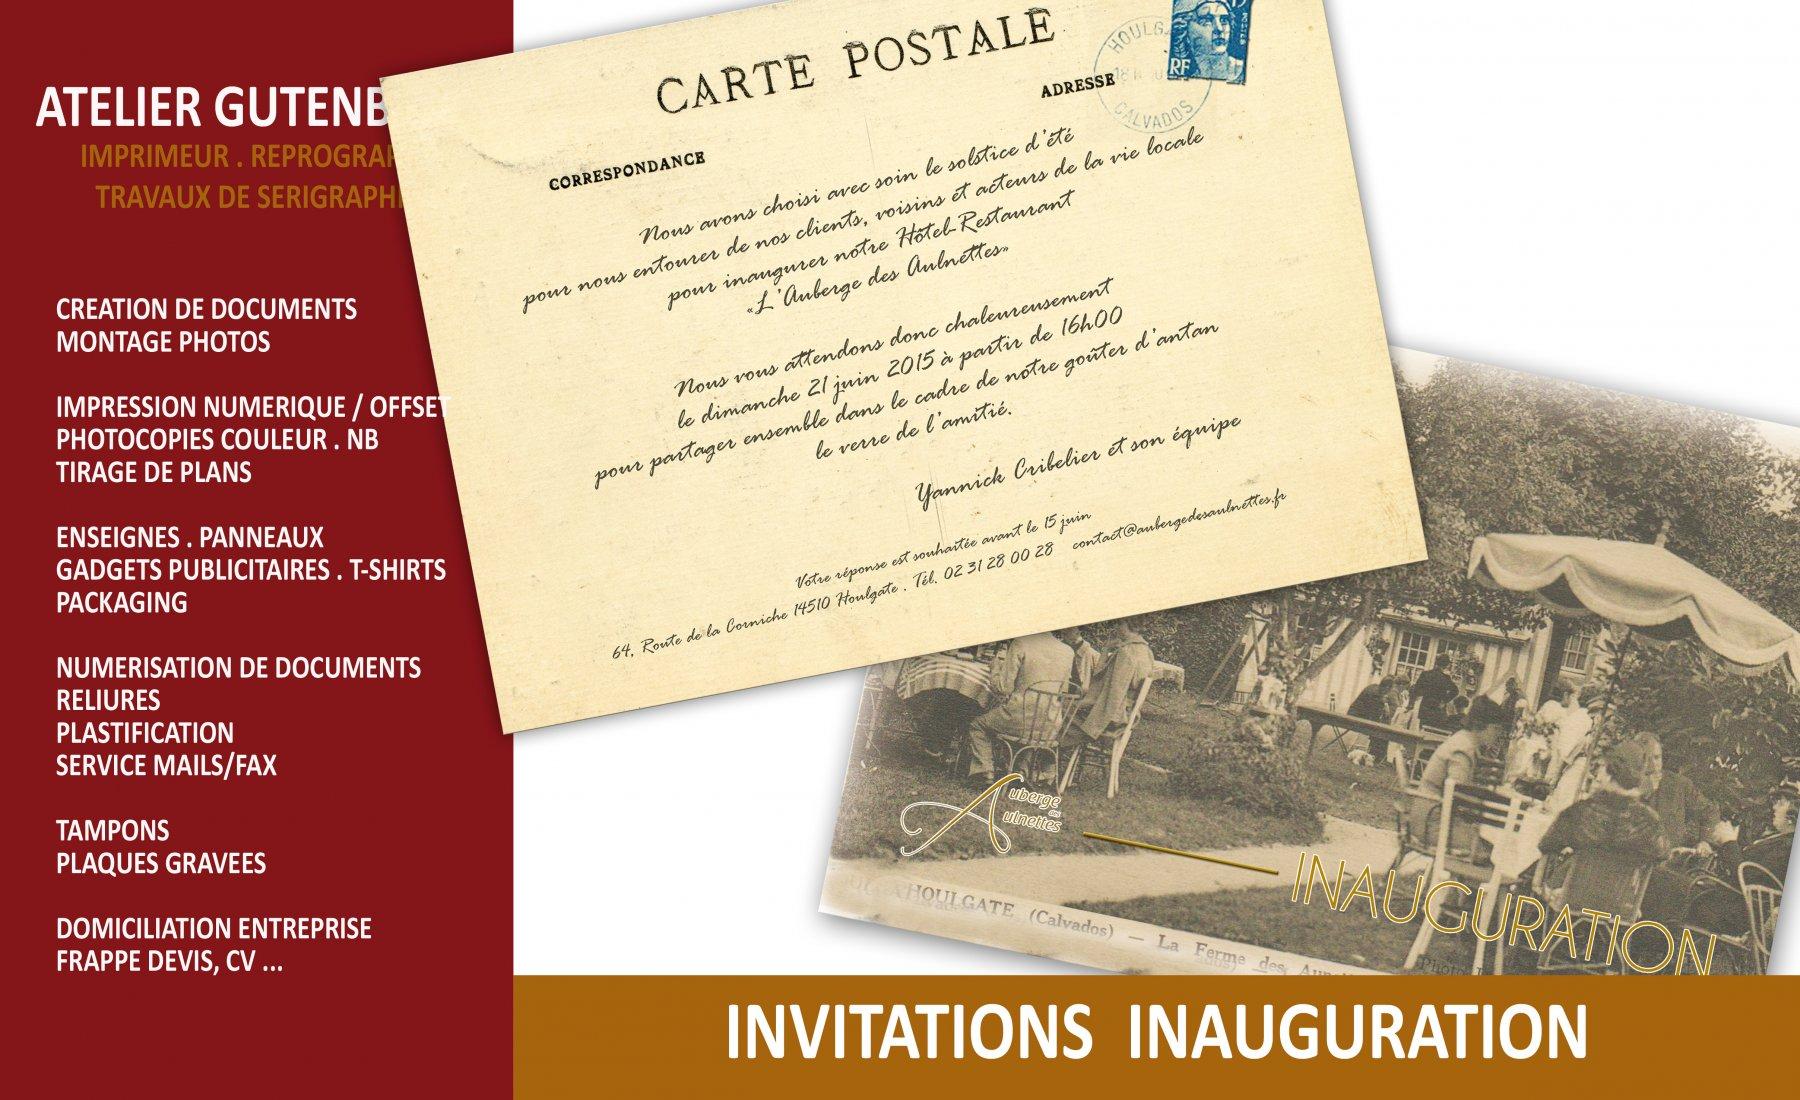 atelier gutenberg invitation à l'ancienne fait pour l'auberge des aulnettes à l'occasion de l'inauguration de l'hôtel restaurant